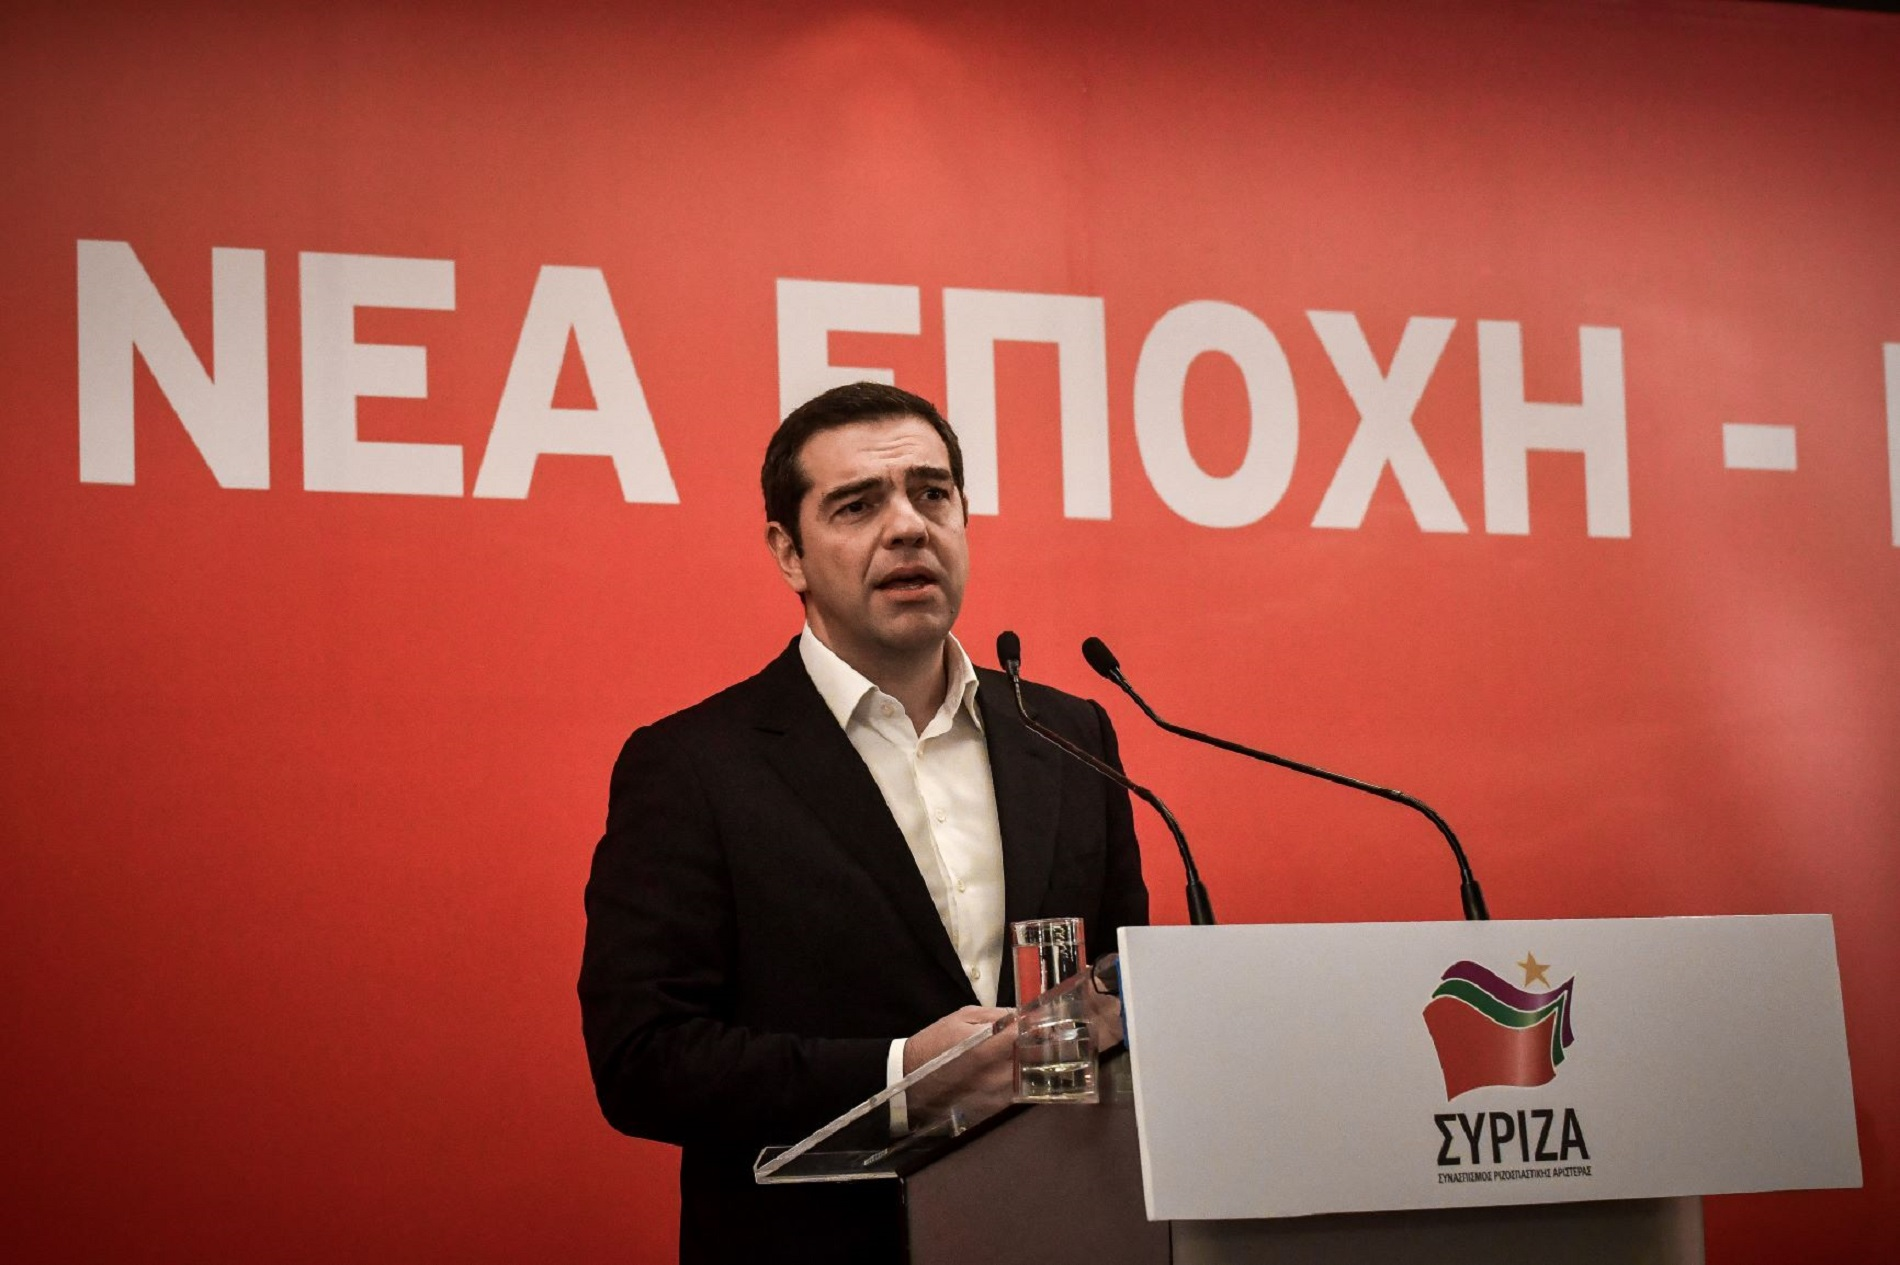 Βουλευτικές εκλογές 2019: Οι υποψήφιοι του ΣΥΡΙΖΑ στα Γρεβενά, στην Δυτική Μακεδονία και σε όλη την Ελλάδα